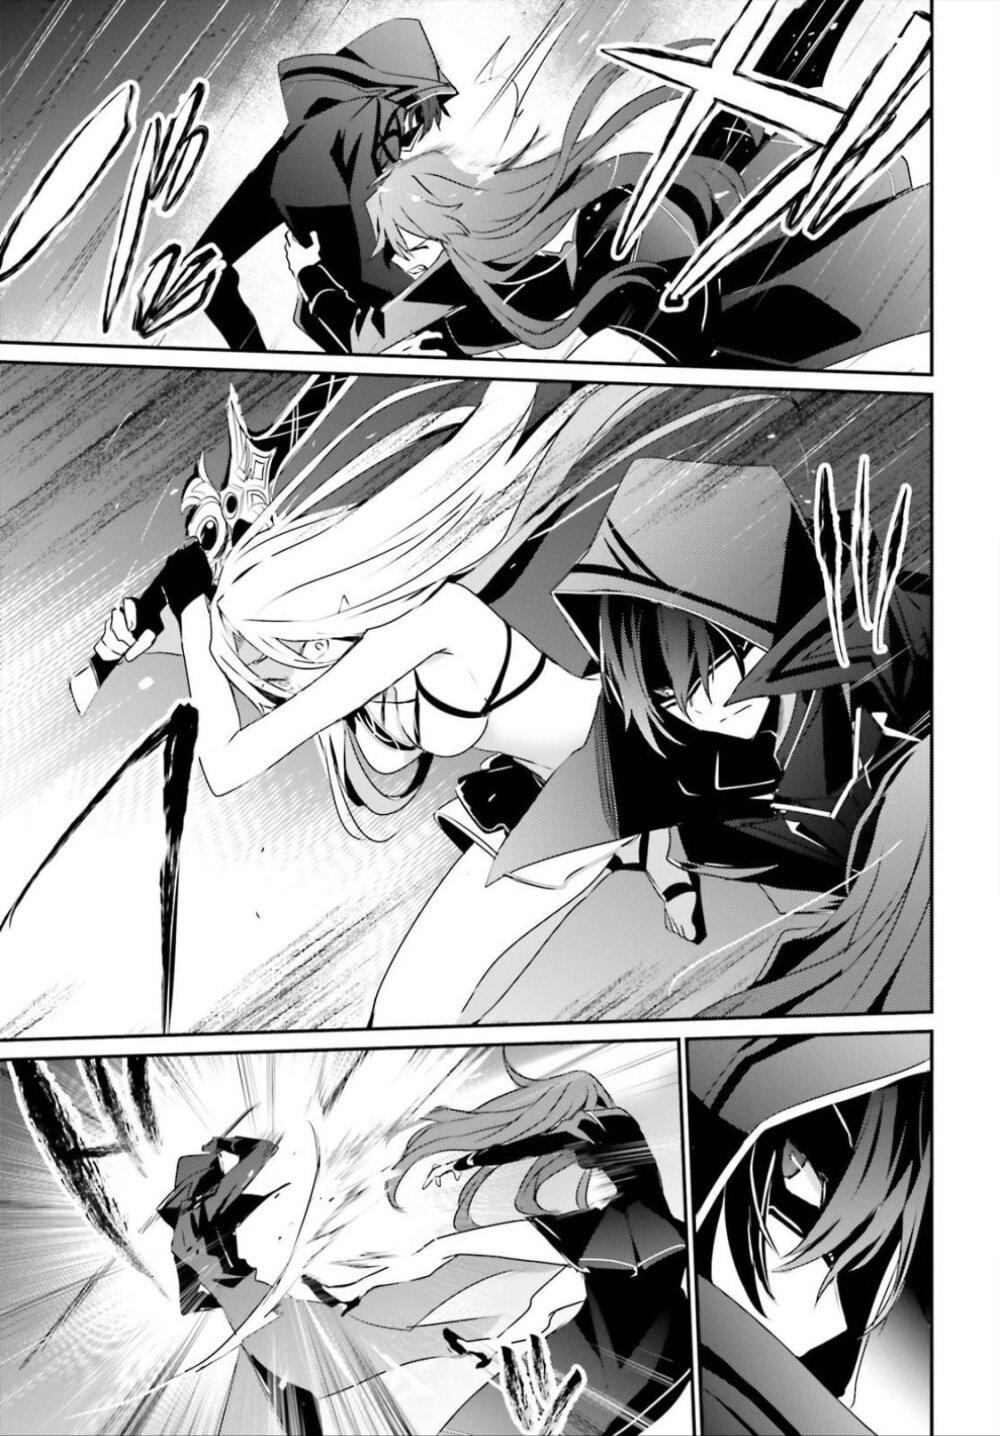 อ่านการ์ตูน Kage no Jitsuryokusha ni Naritakute! ตอนที่ 26 หน้าที่ 23